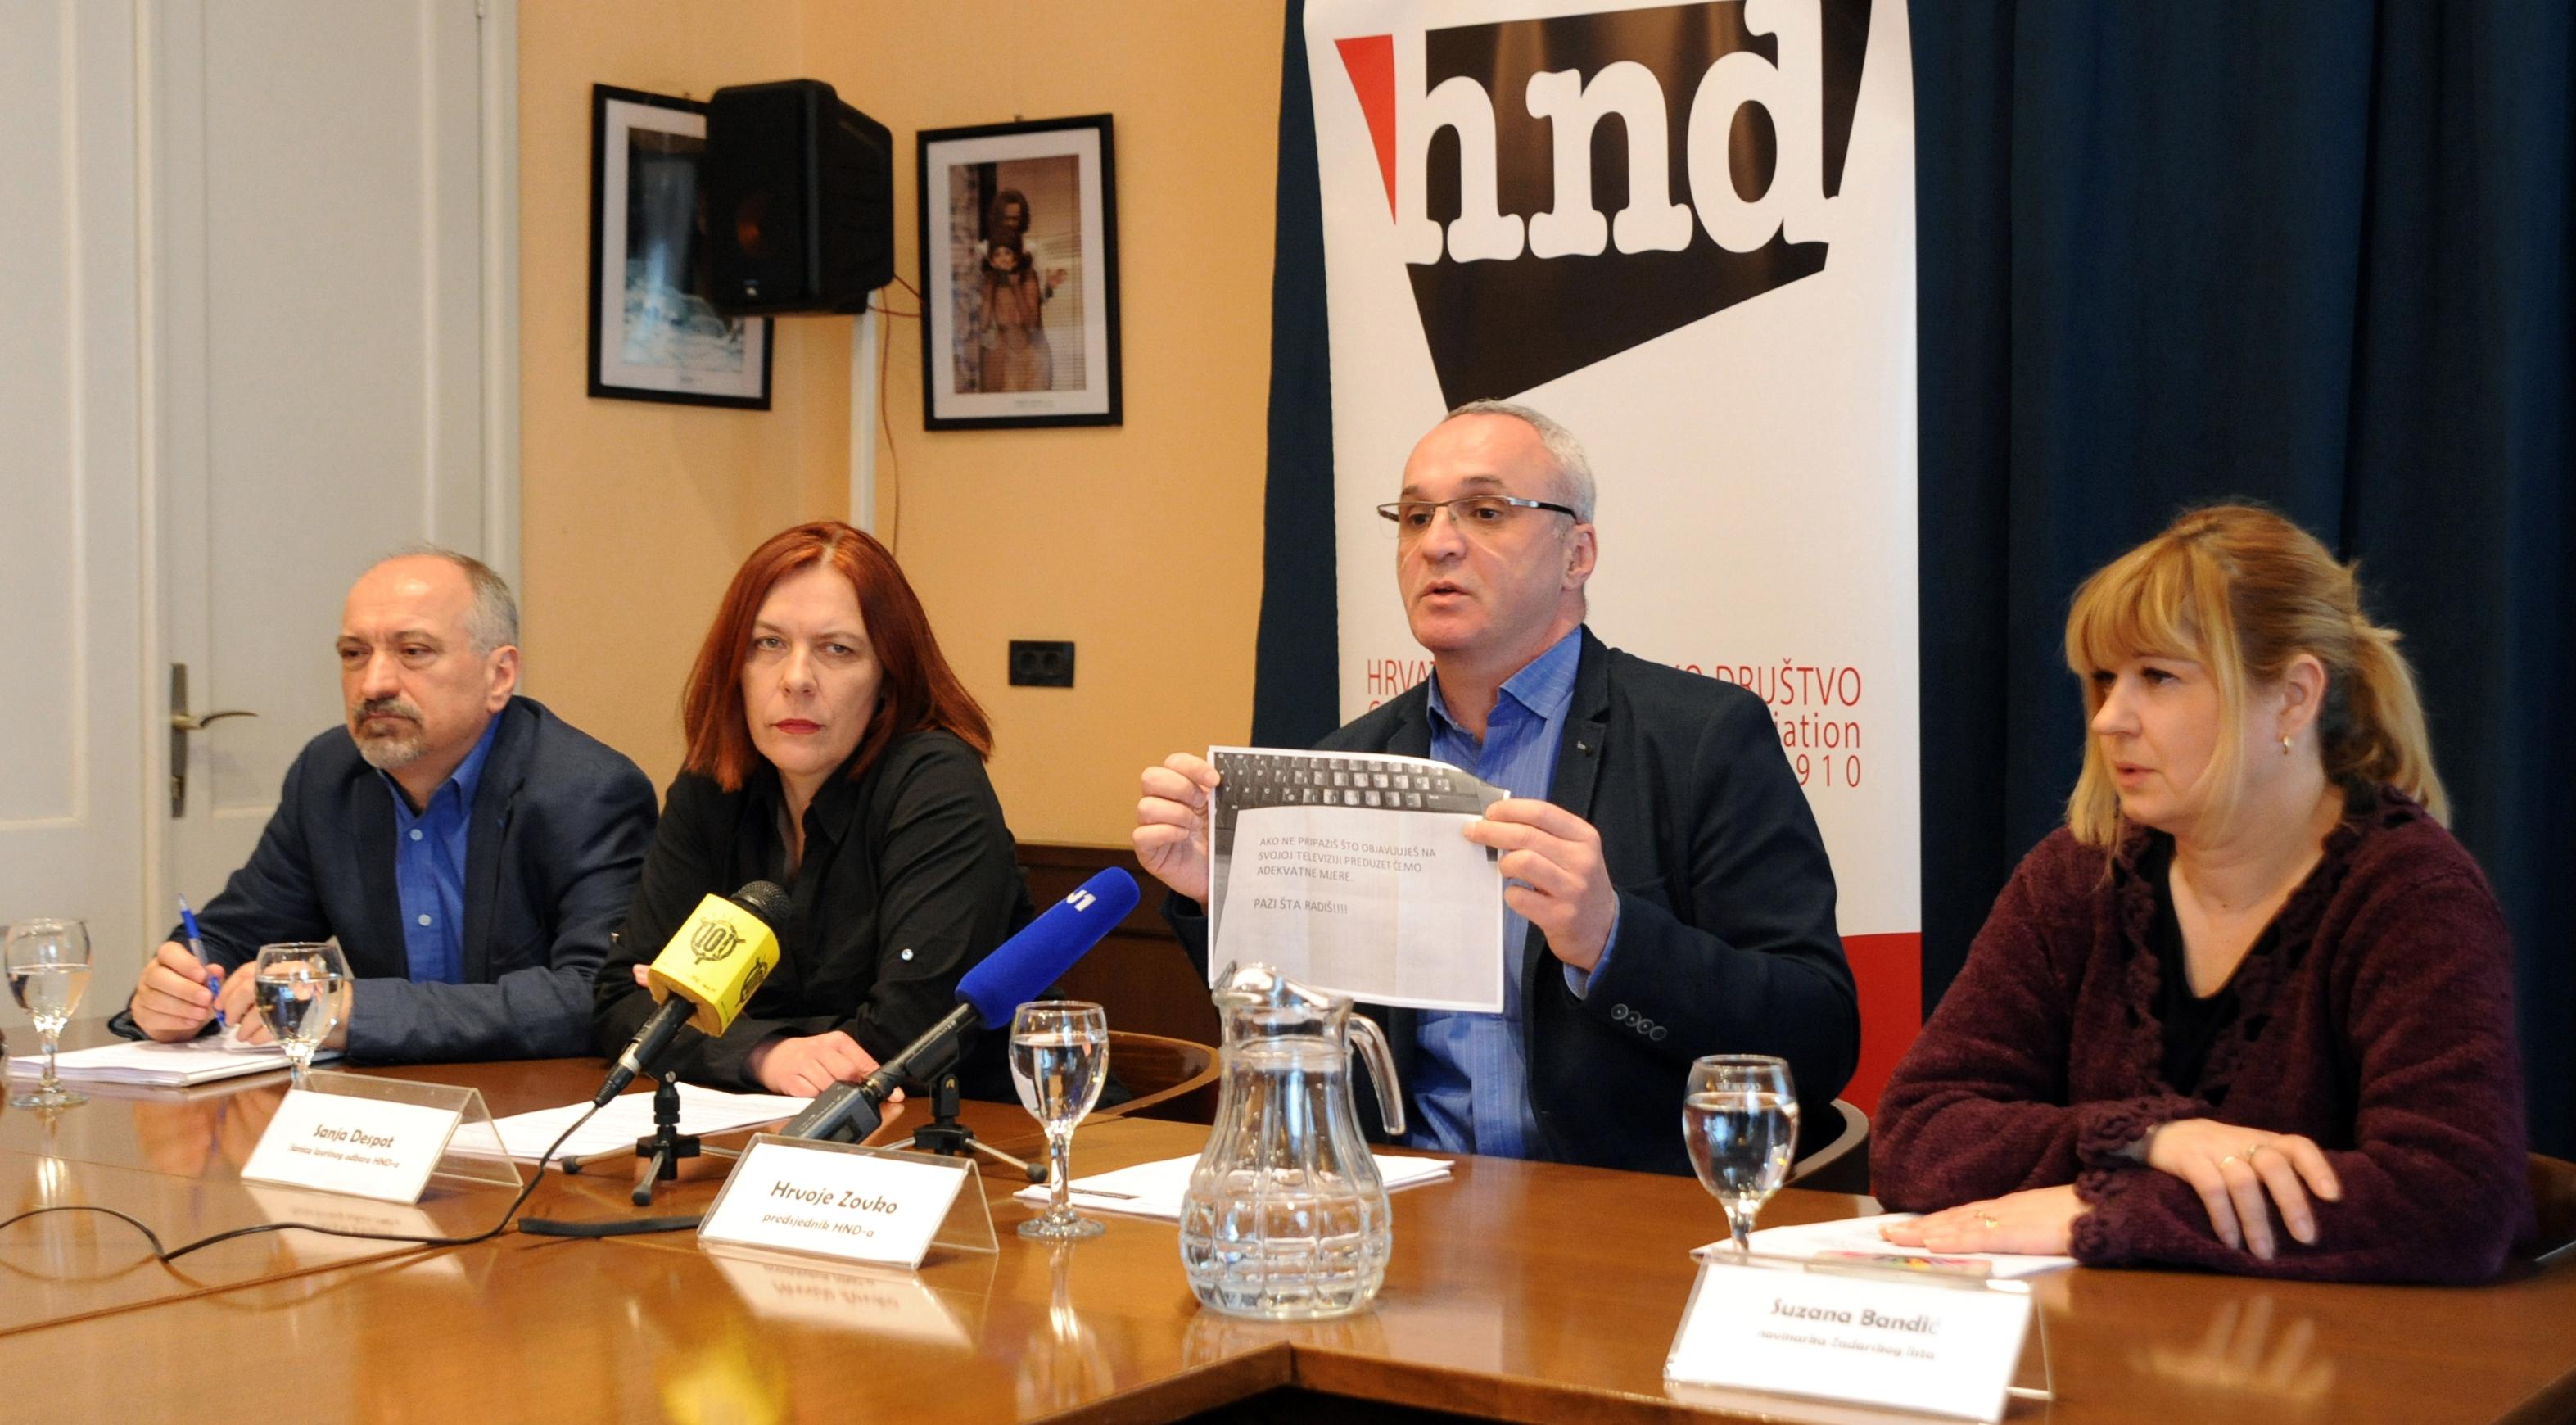 Anton Filić, Sanja Despot, Hrvoje Zovko, Suzana Bandić / Foto D. Jelinek